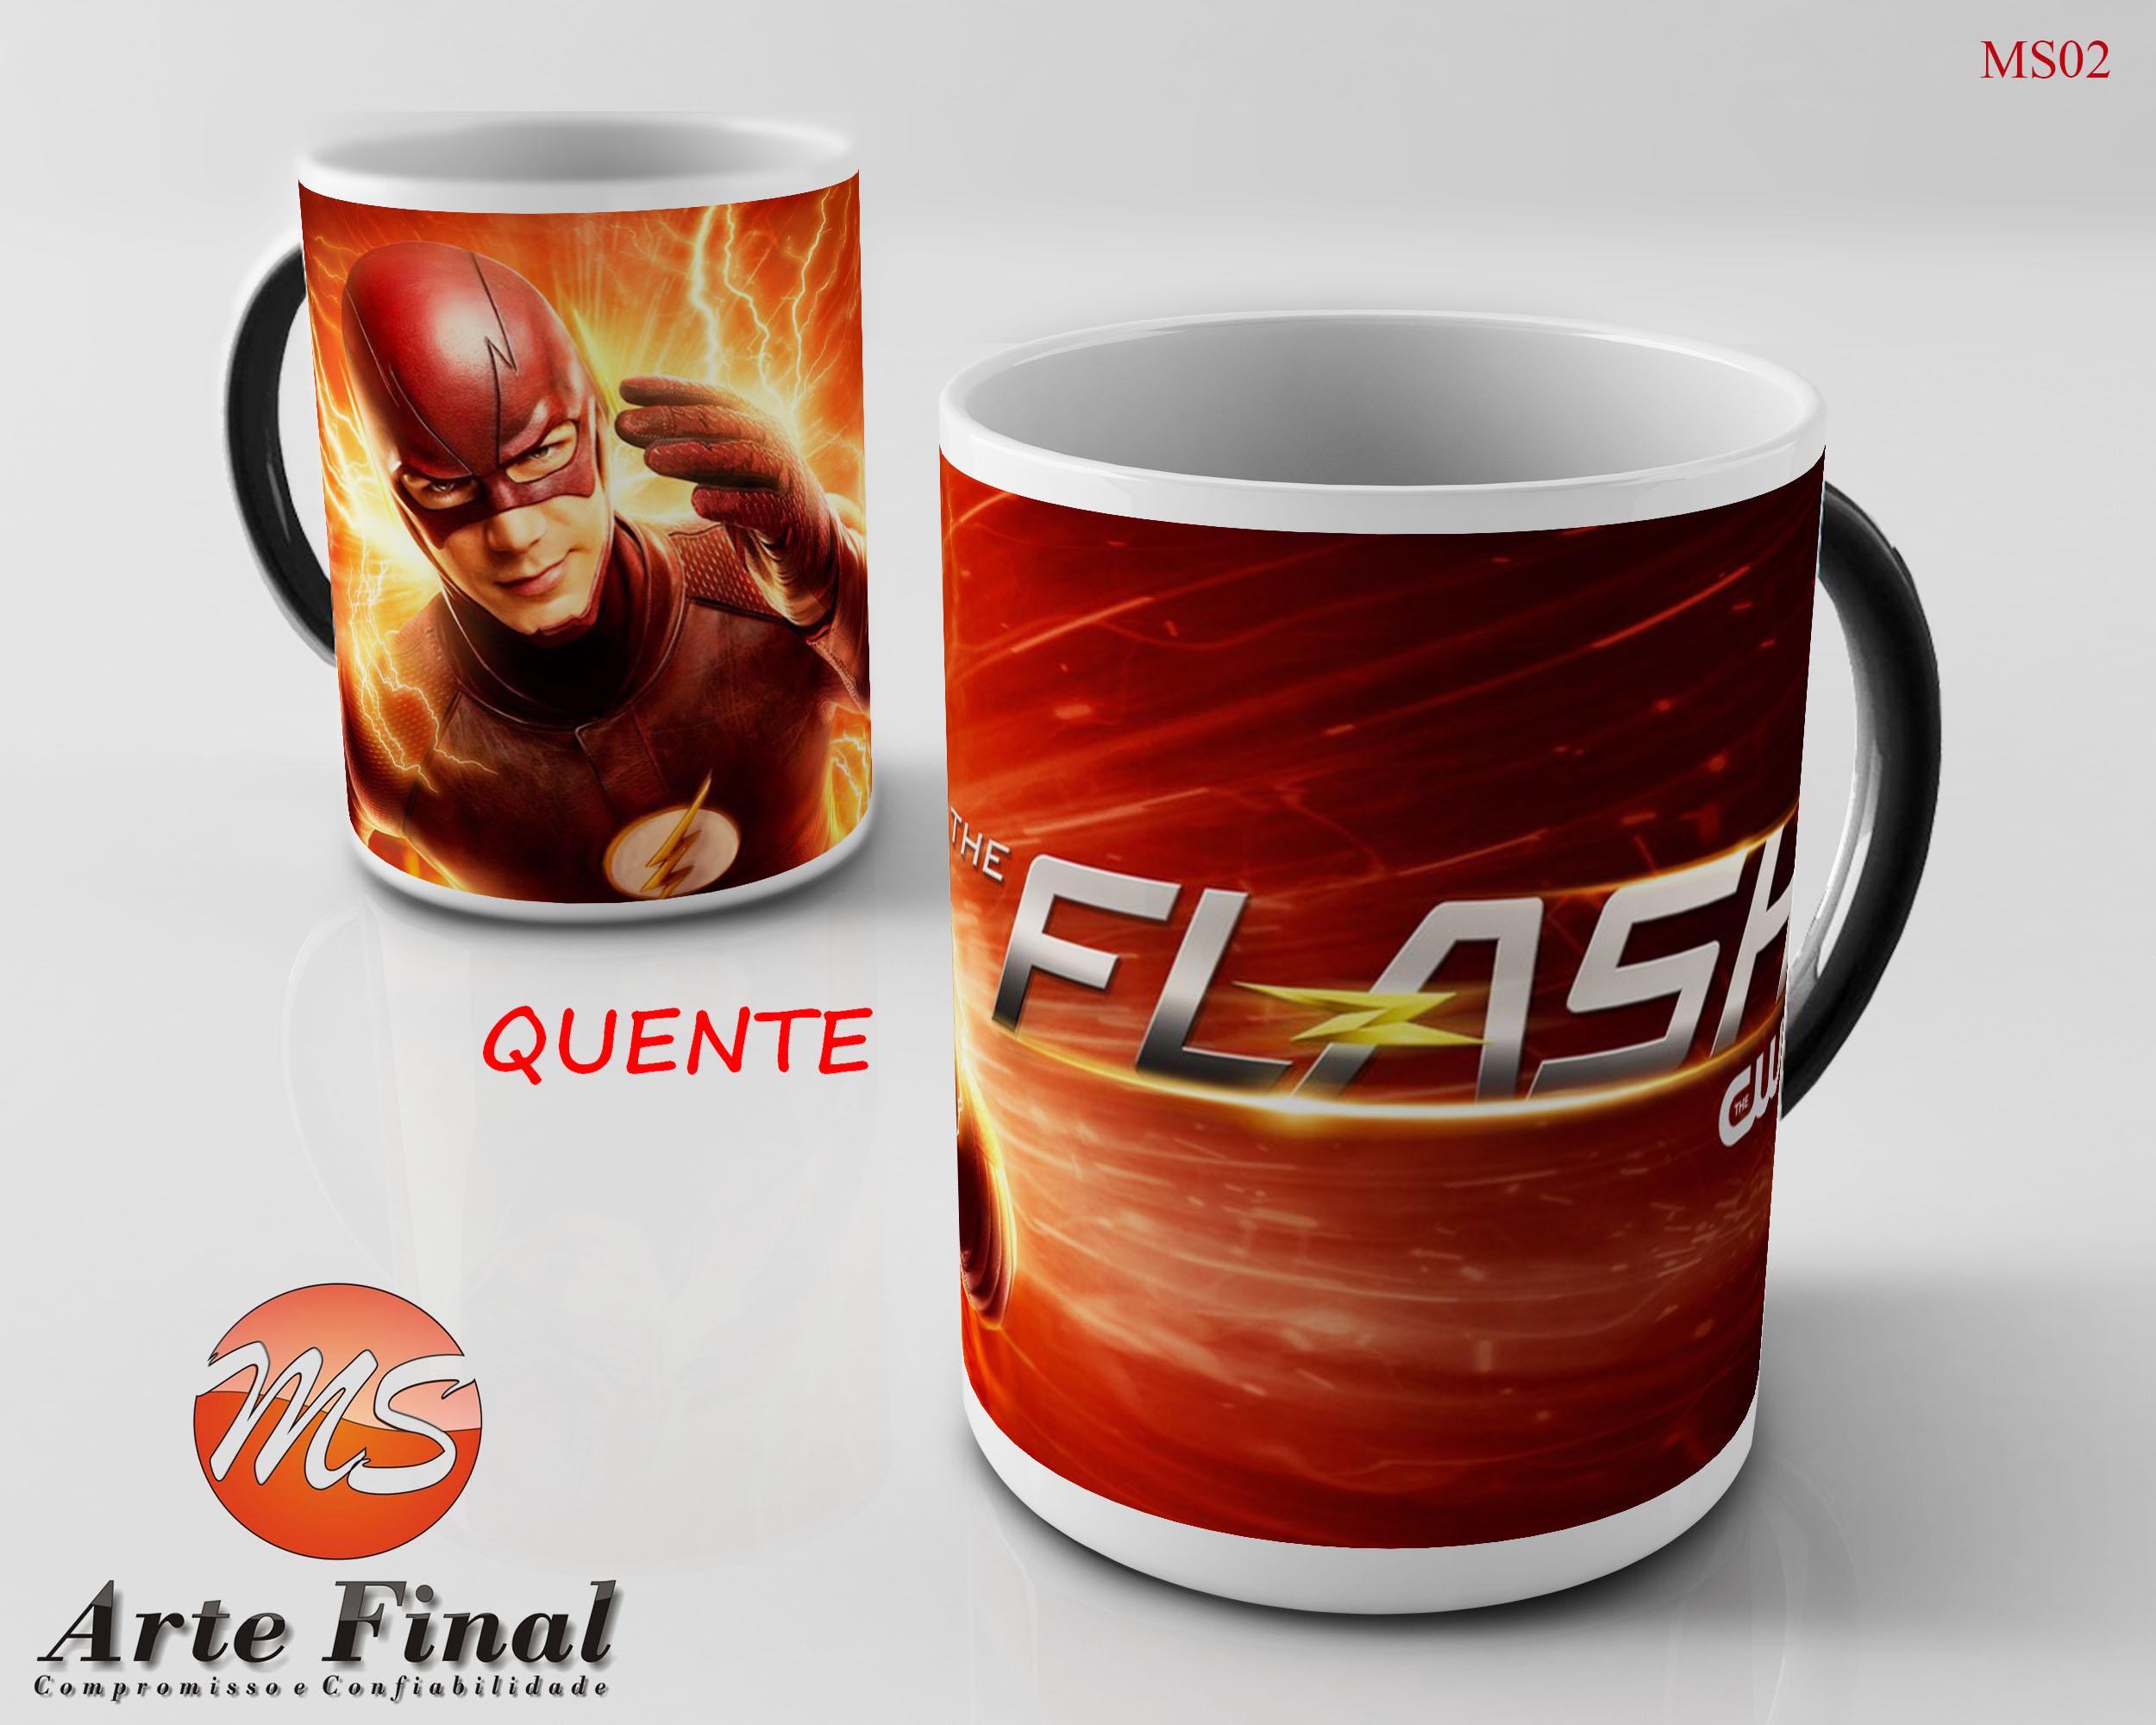 132b48a664 Caneca Ceramica The Flash 02 | Elo7